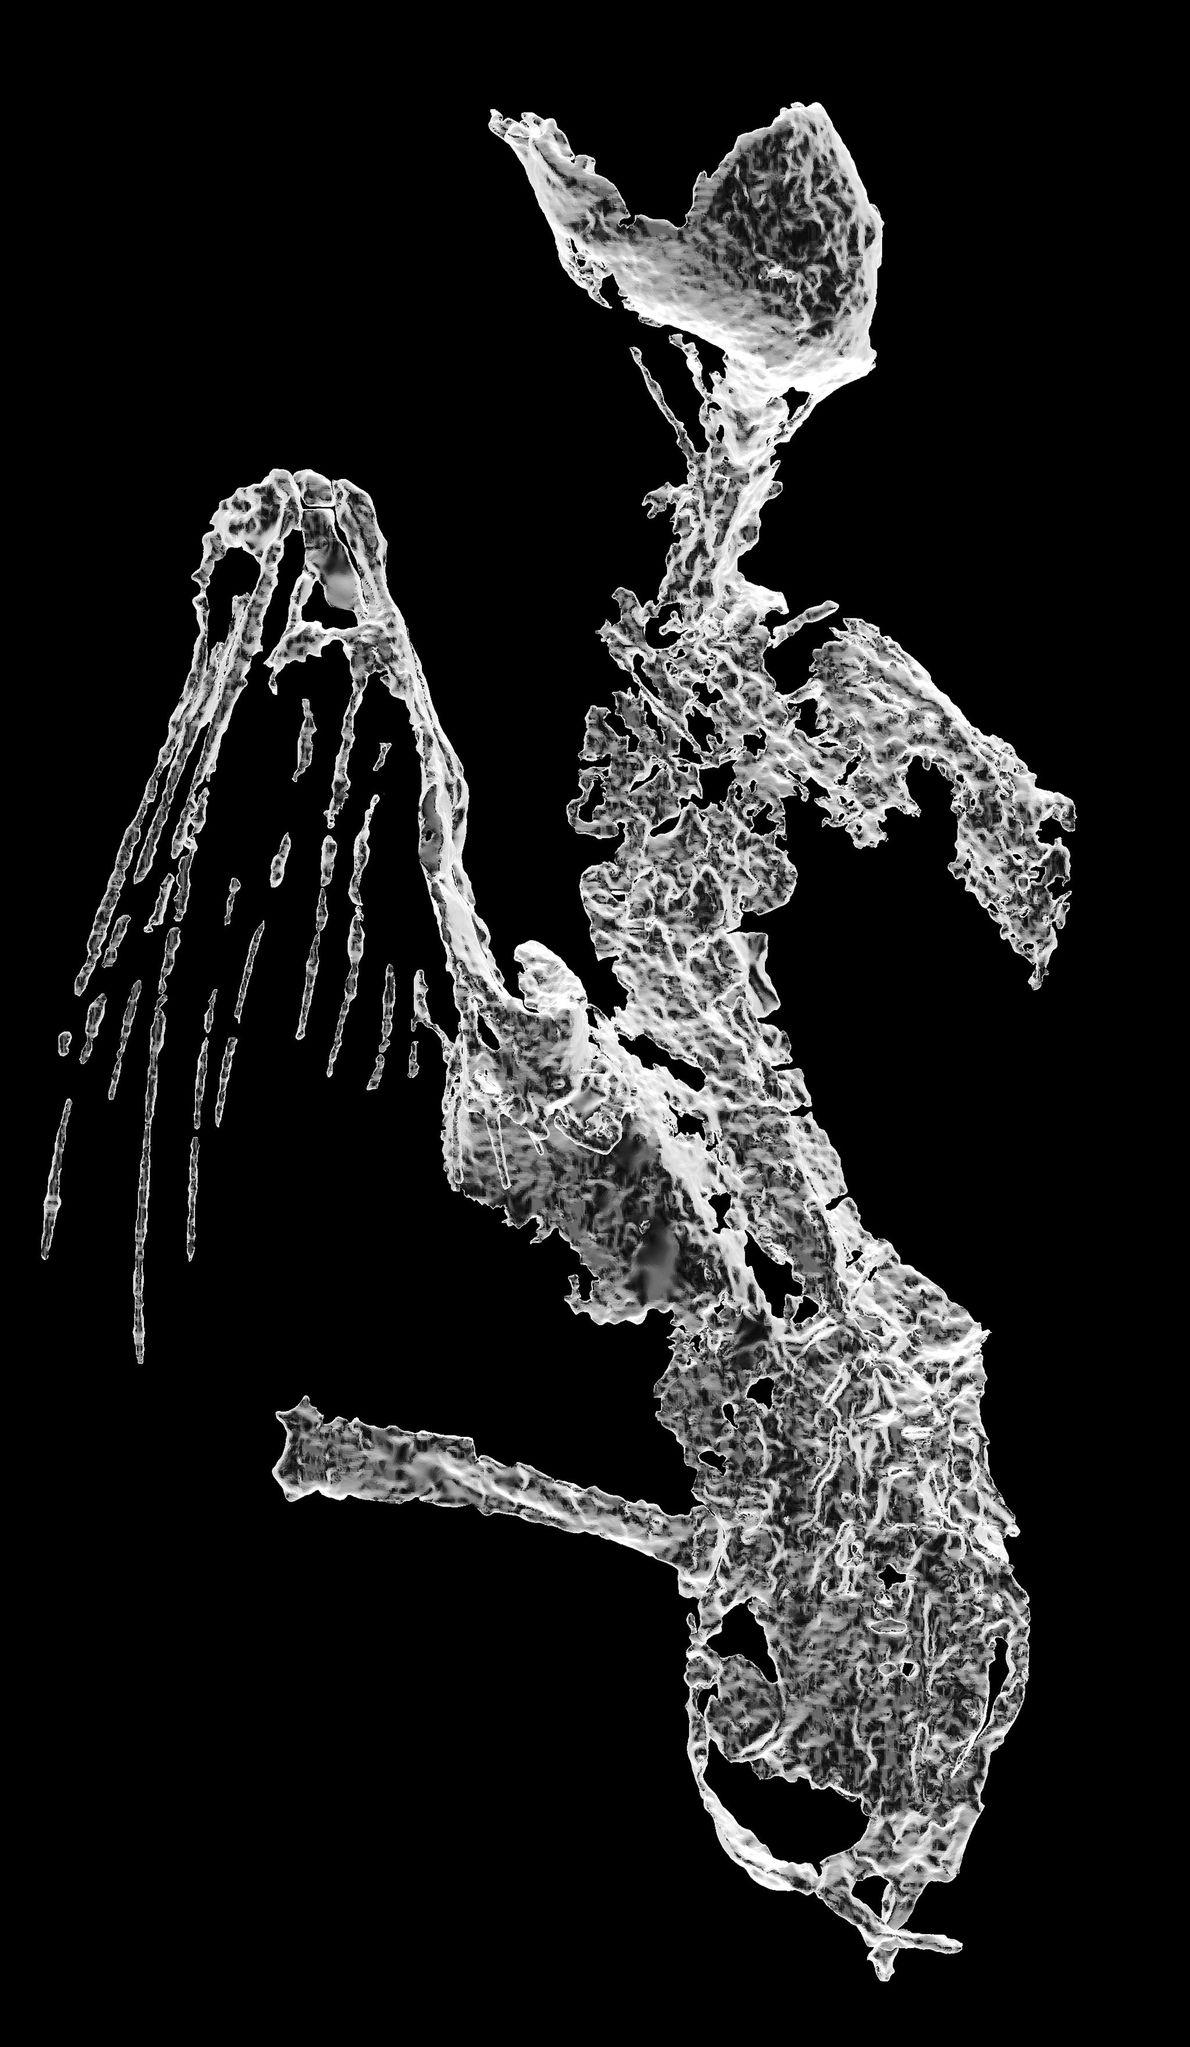 Diese computertomographische Rekonstruktion zeigt das Skelett des Vogels und die Kiele seiner Schwungfedern von vorne. Der ...